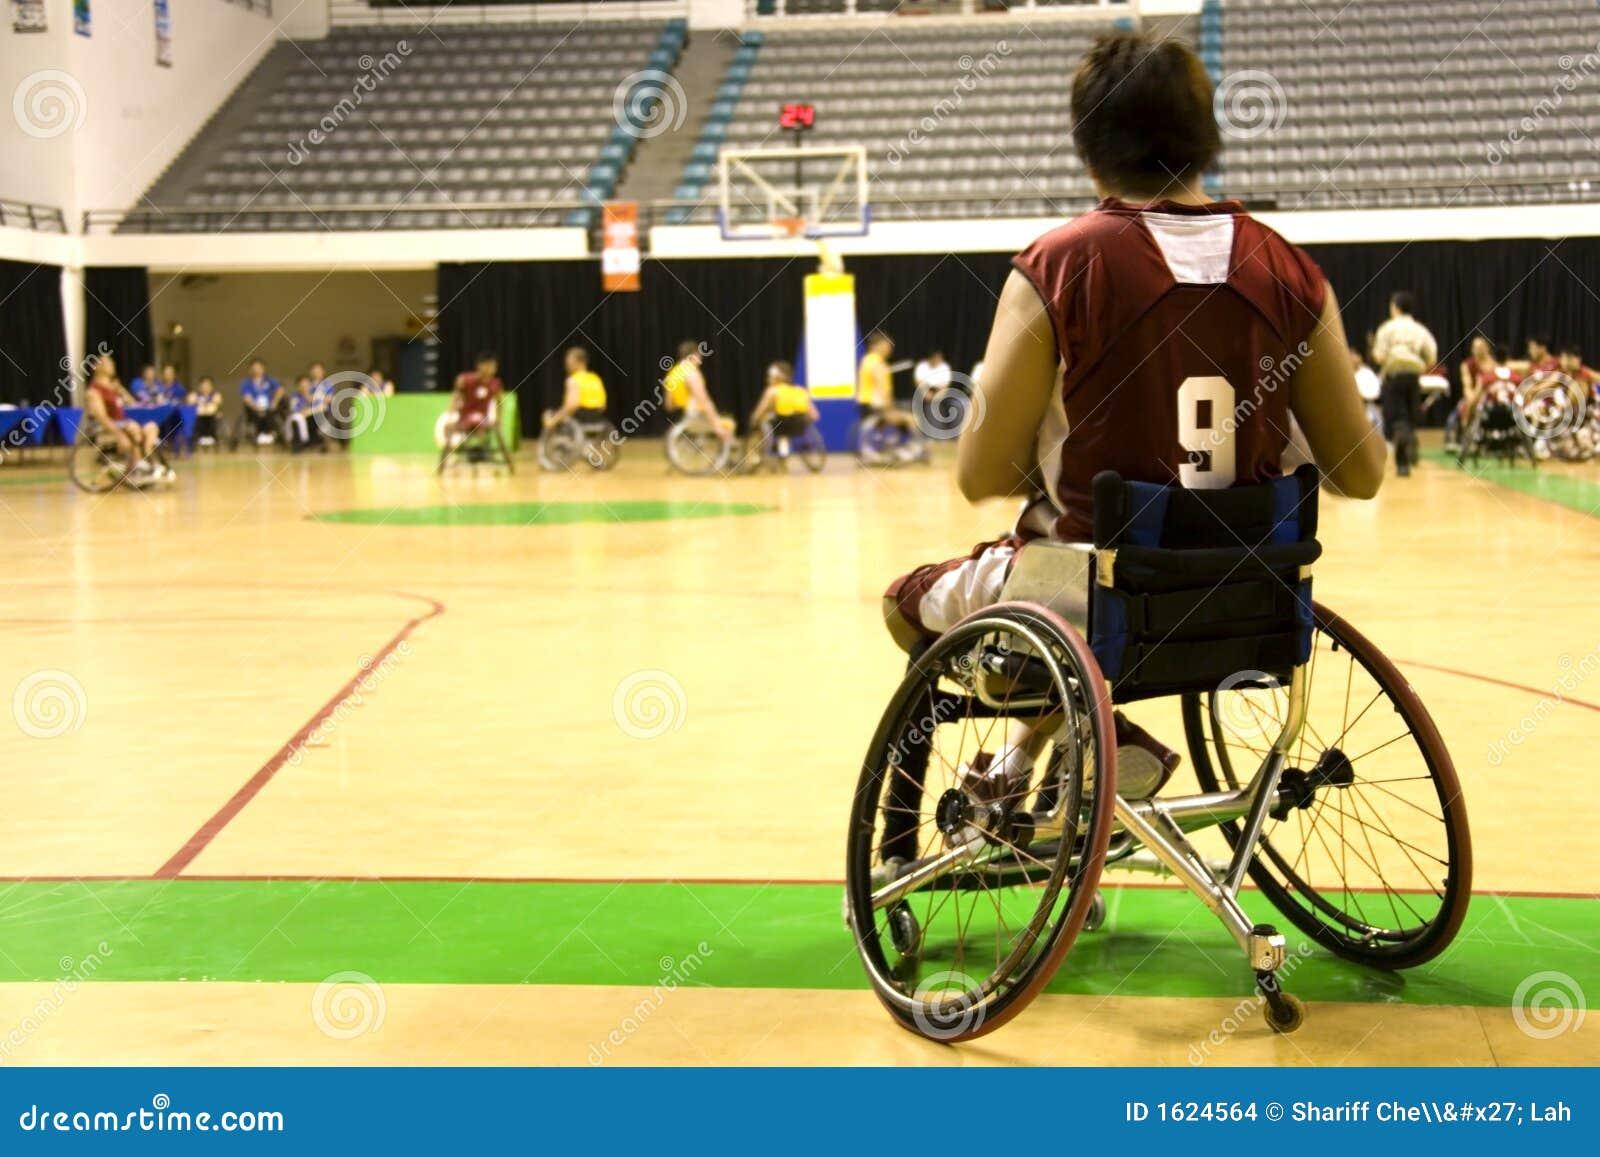 篮球椅子被禁用的人人员轮子